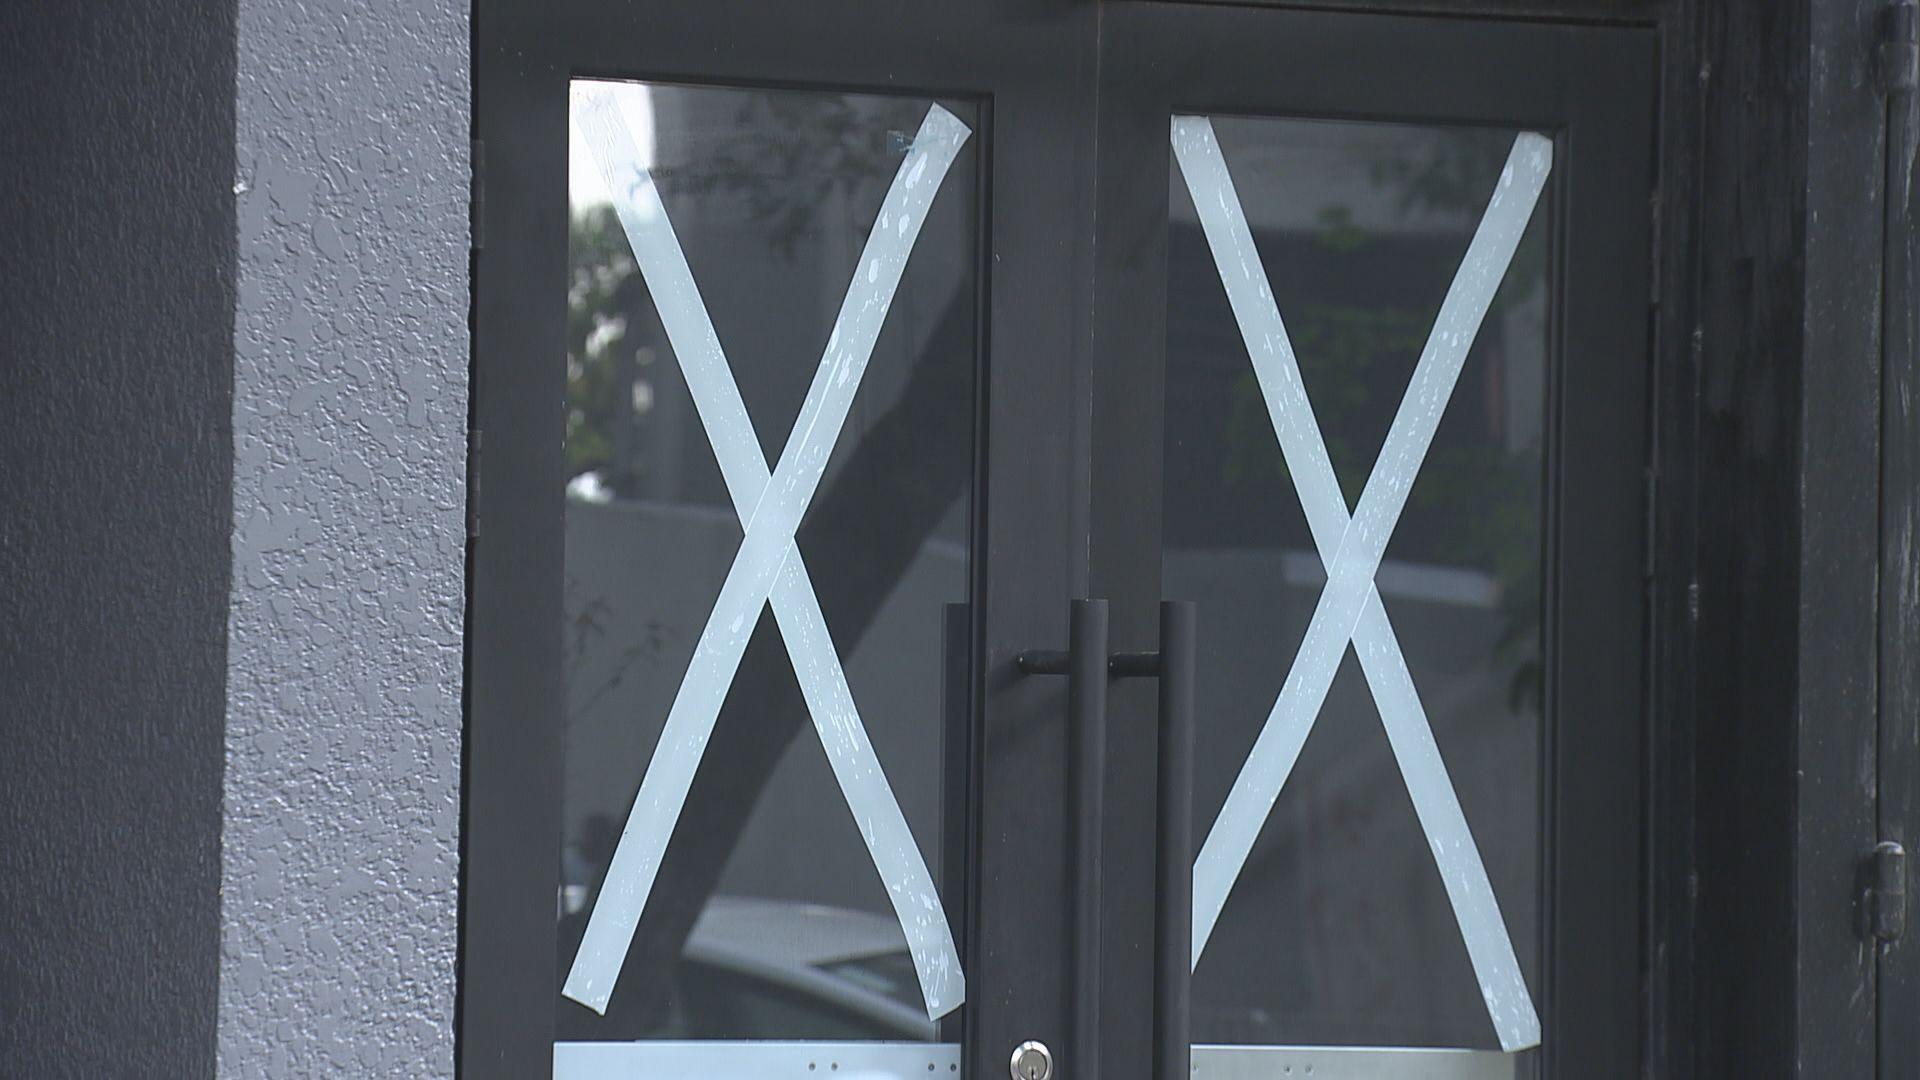 專家建議在玻璃以米字方式貼膠紙